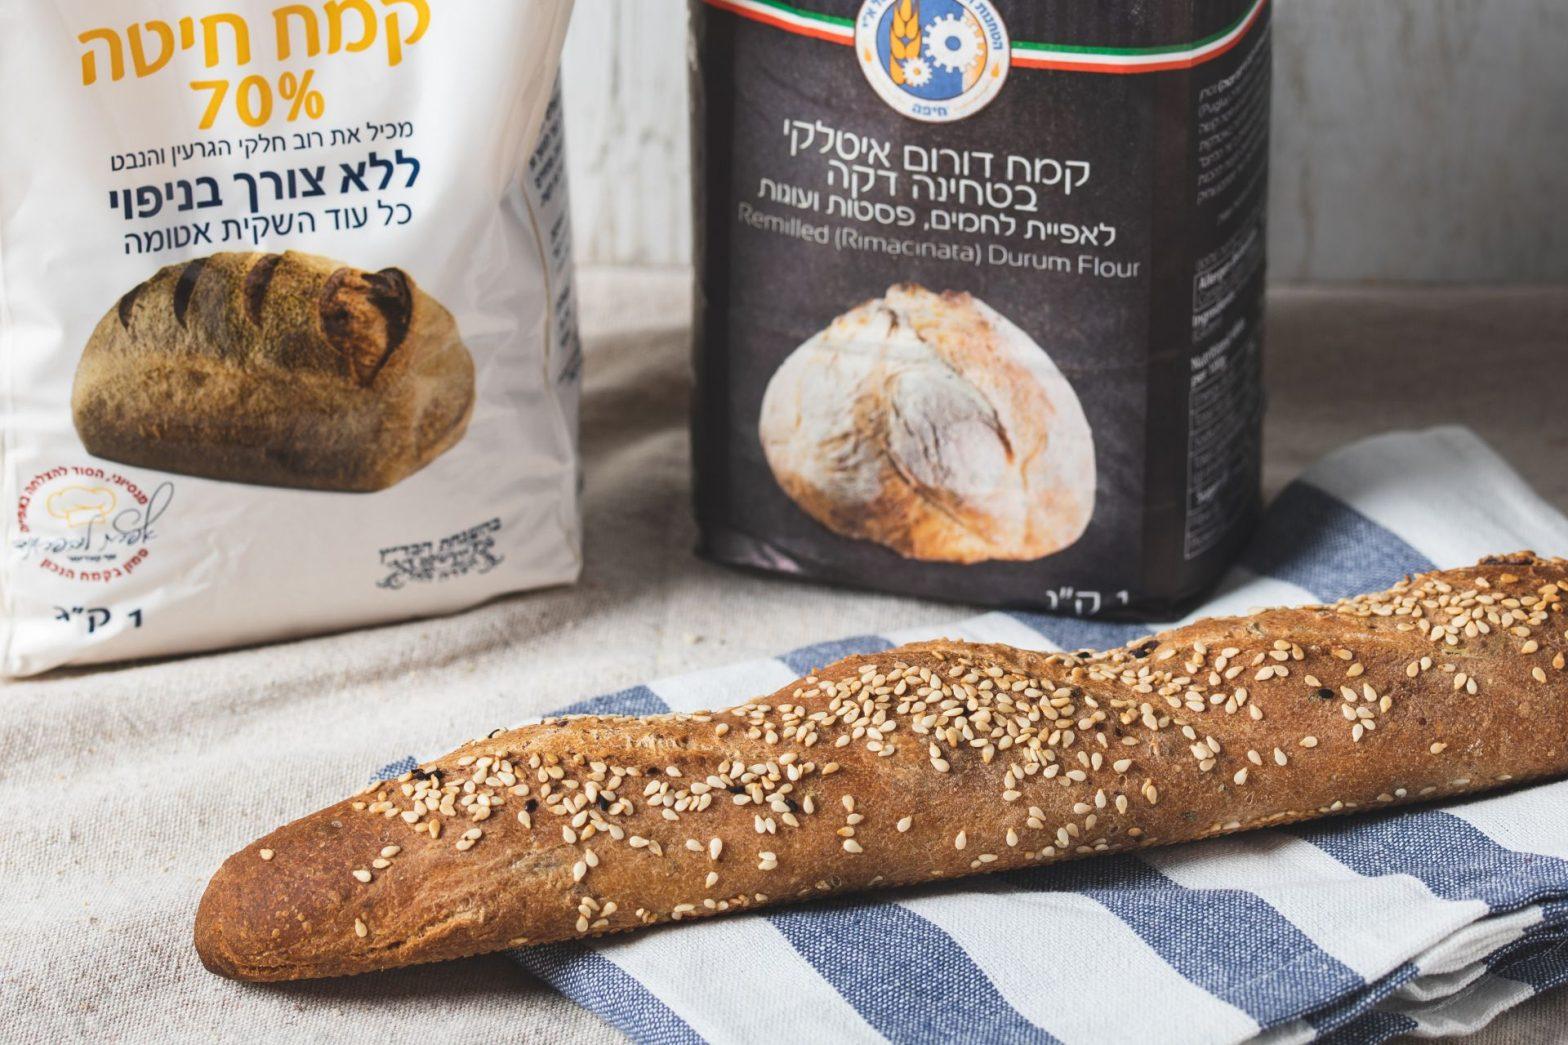 לחם קלמטה אורגנו ושמן זית של תומר בלס